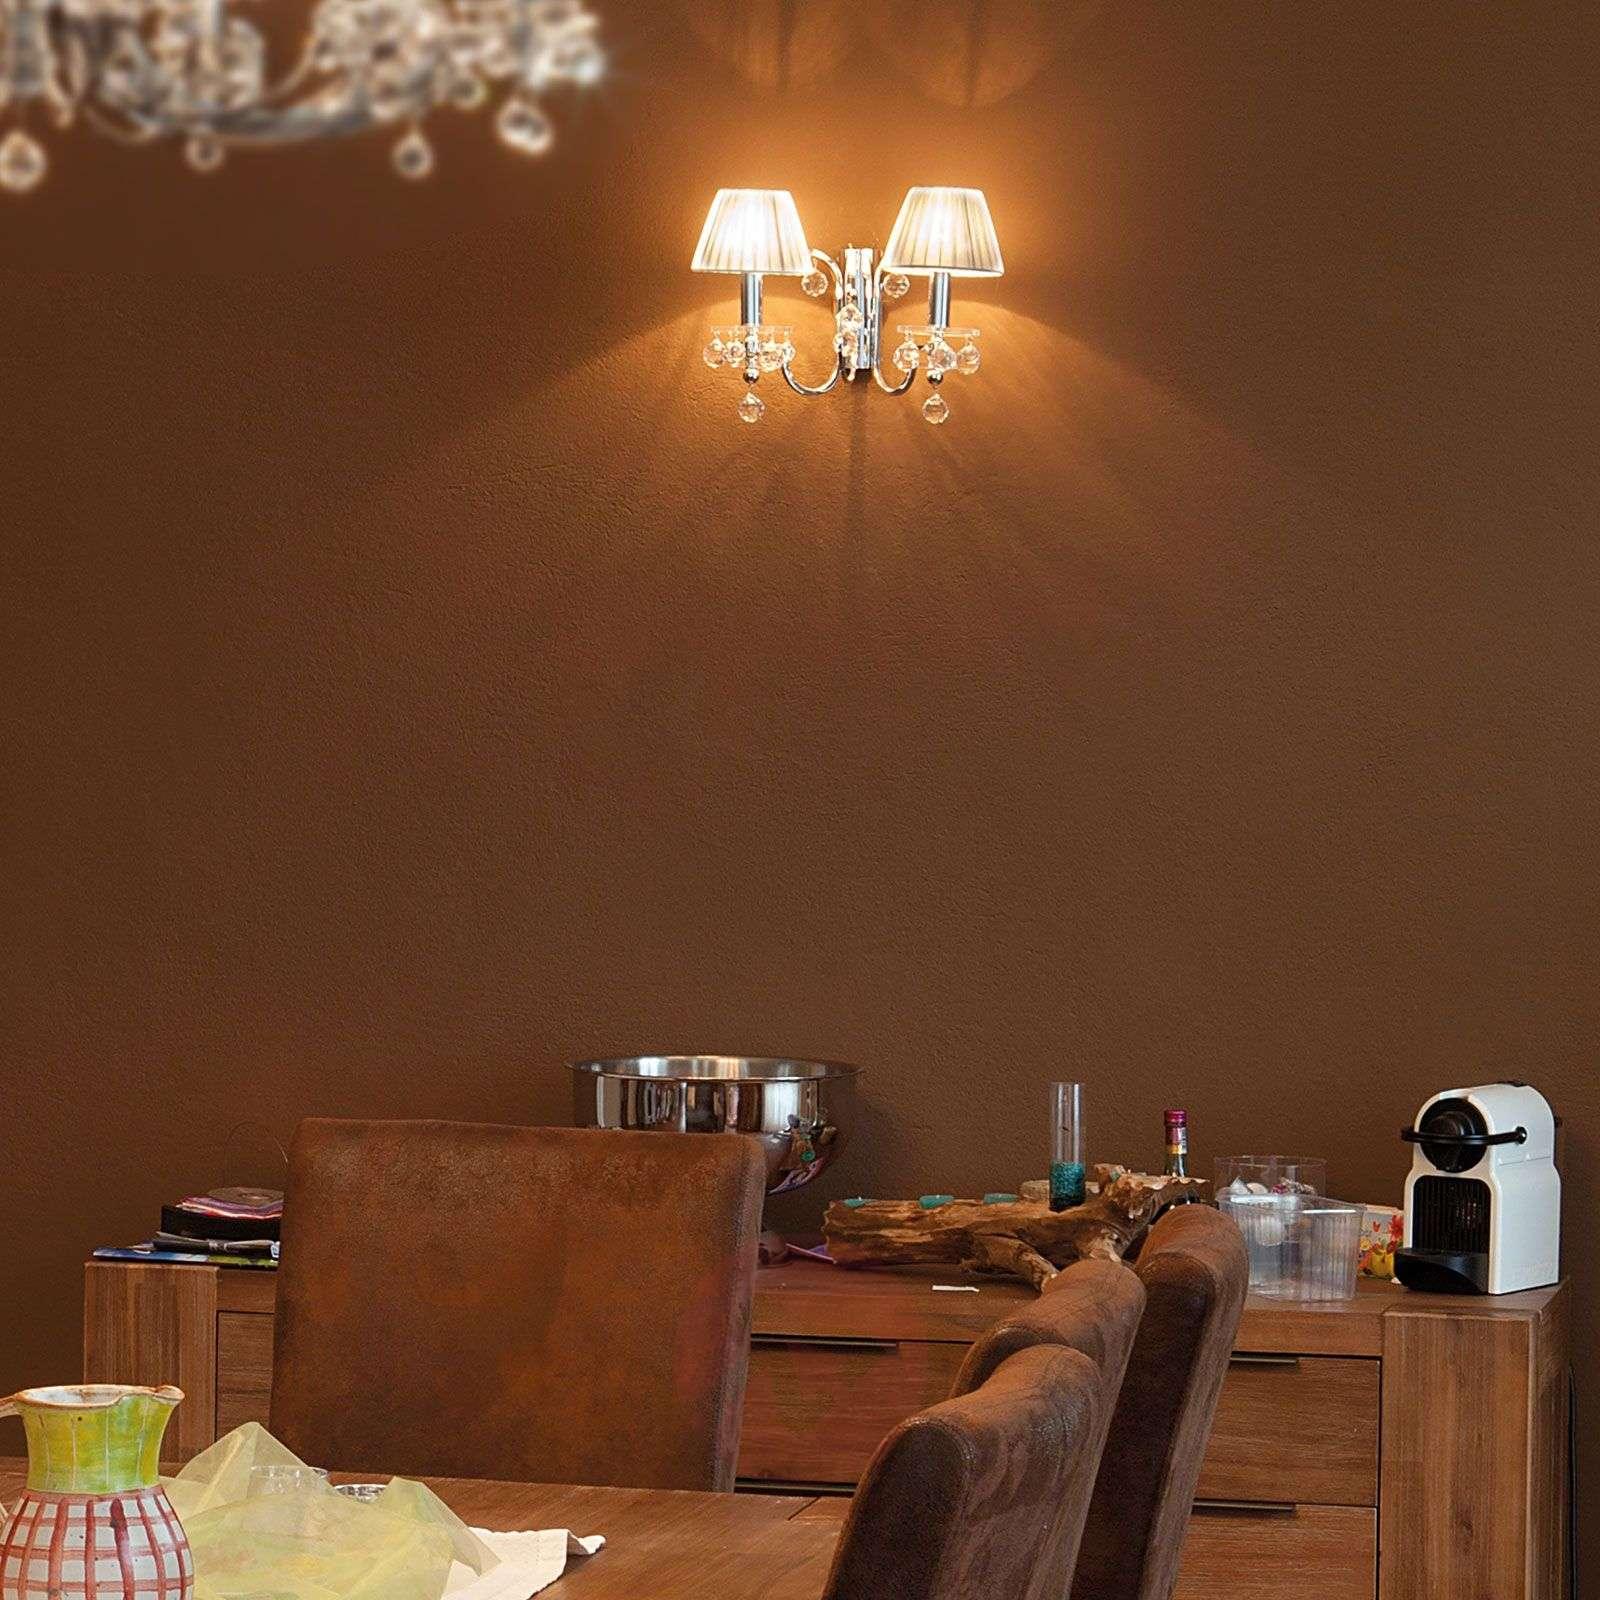 Hopeinen tekstiiliseinävalaisin, kristallit 2-lamp-7254993-01